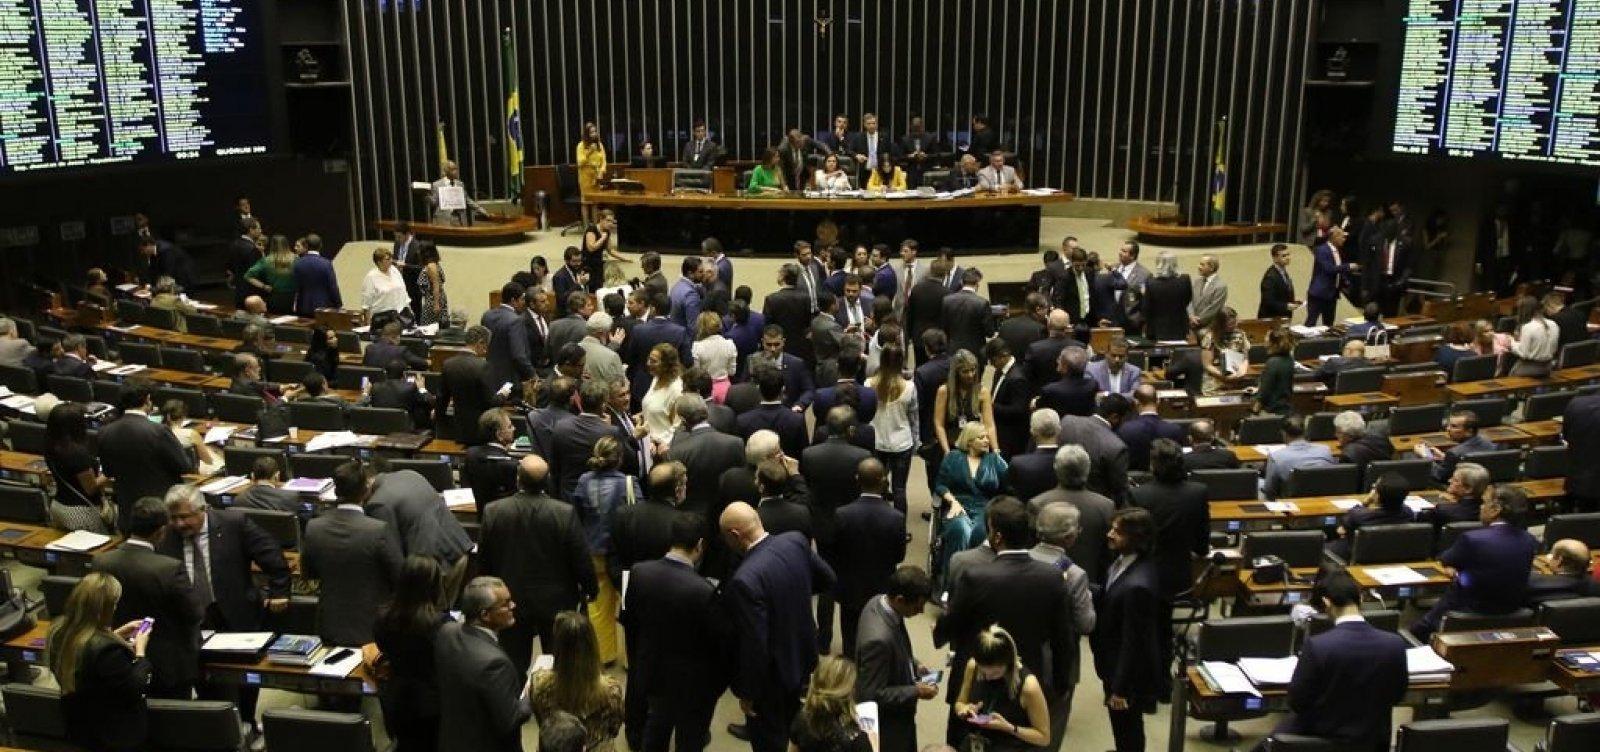 [Congresso discute adiar eleições municipais por causa do coronavírus]